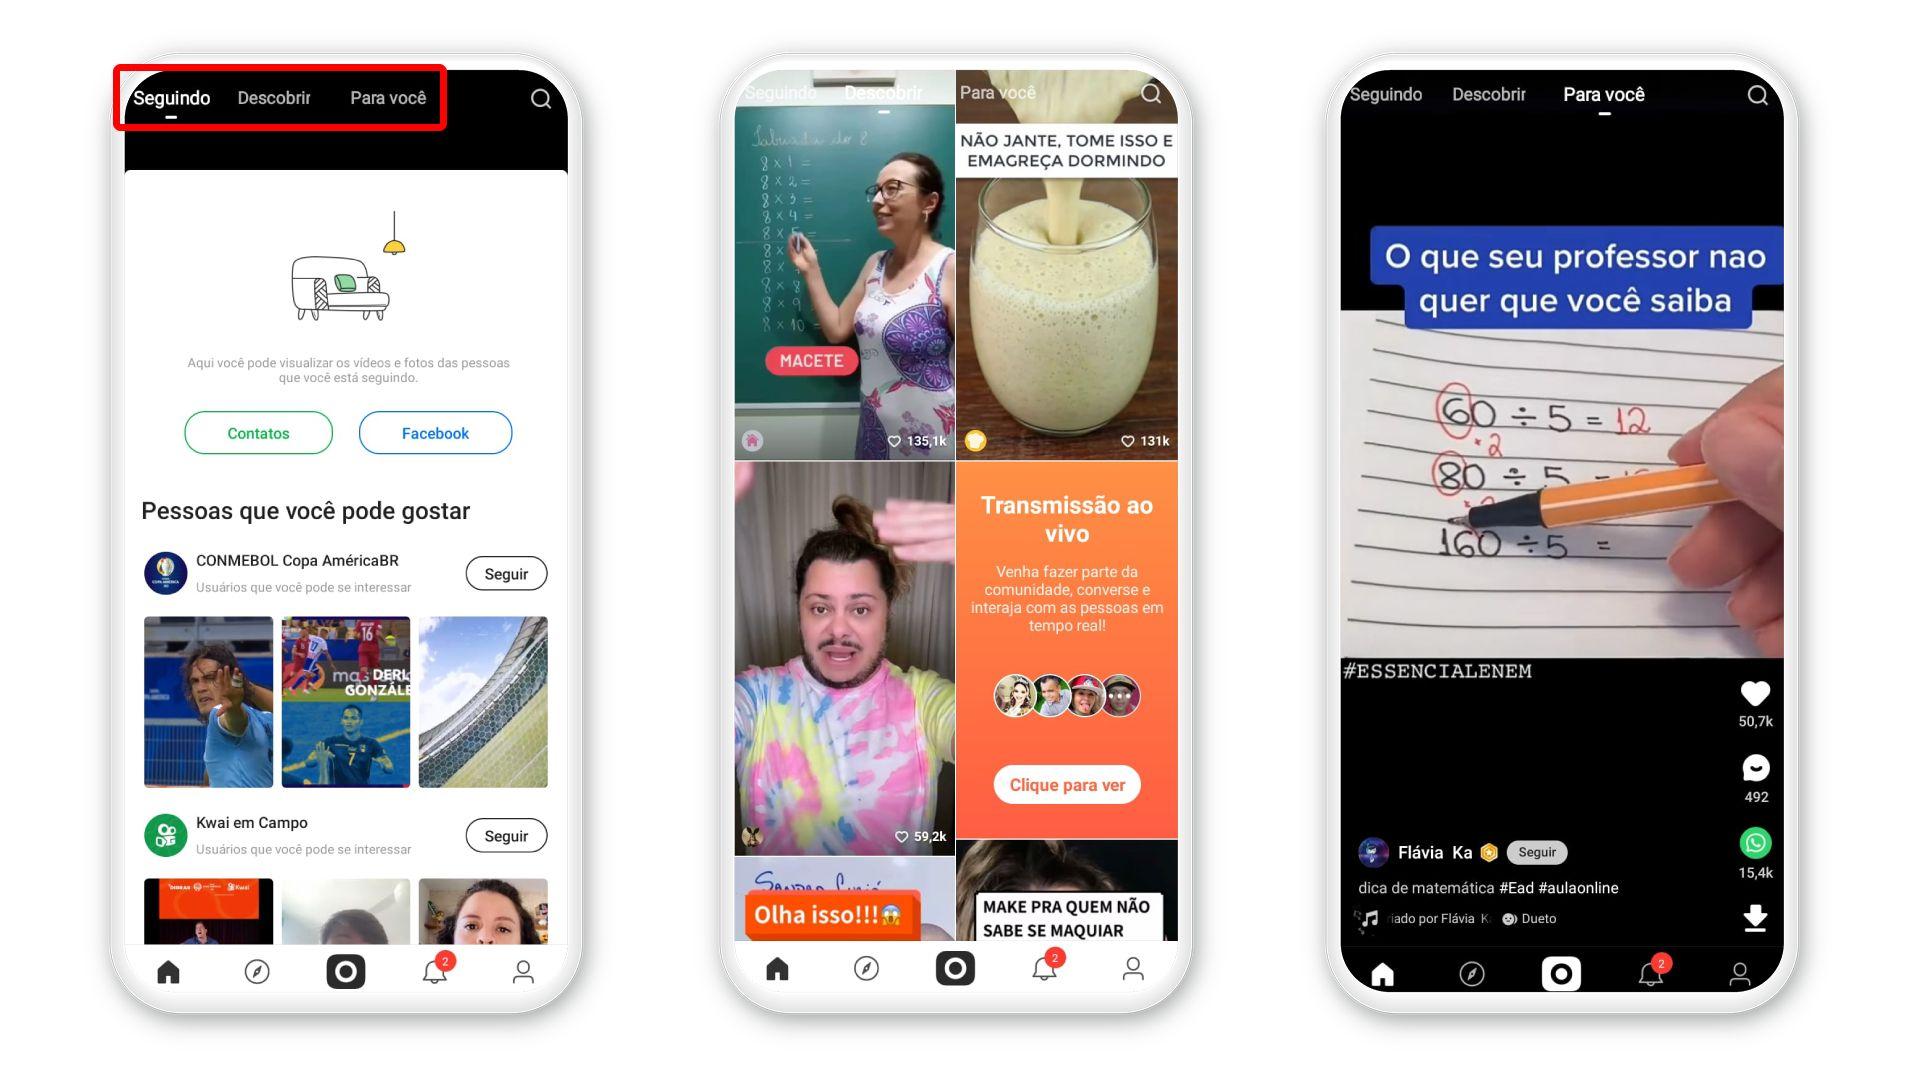 Kwai mostra vídeos de pessoas que você segue, mas também tem conteúdo recomendado (Foto: Arte/Zoom)